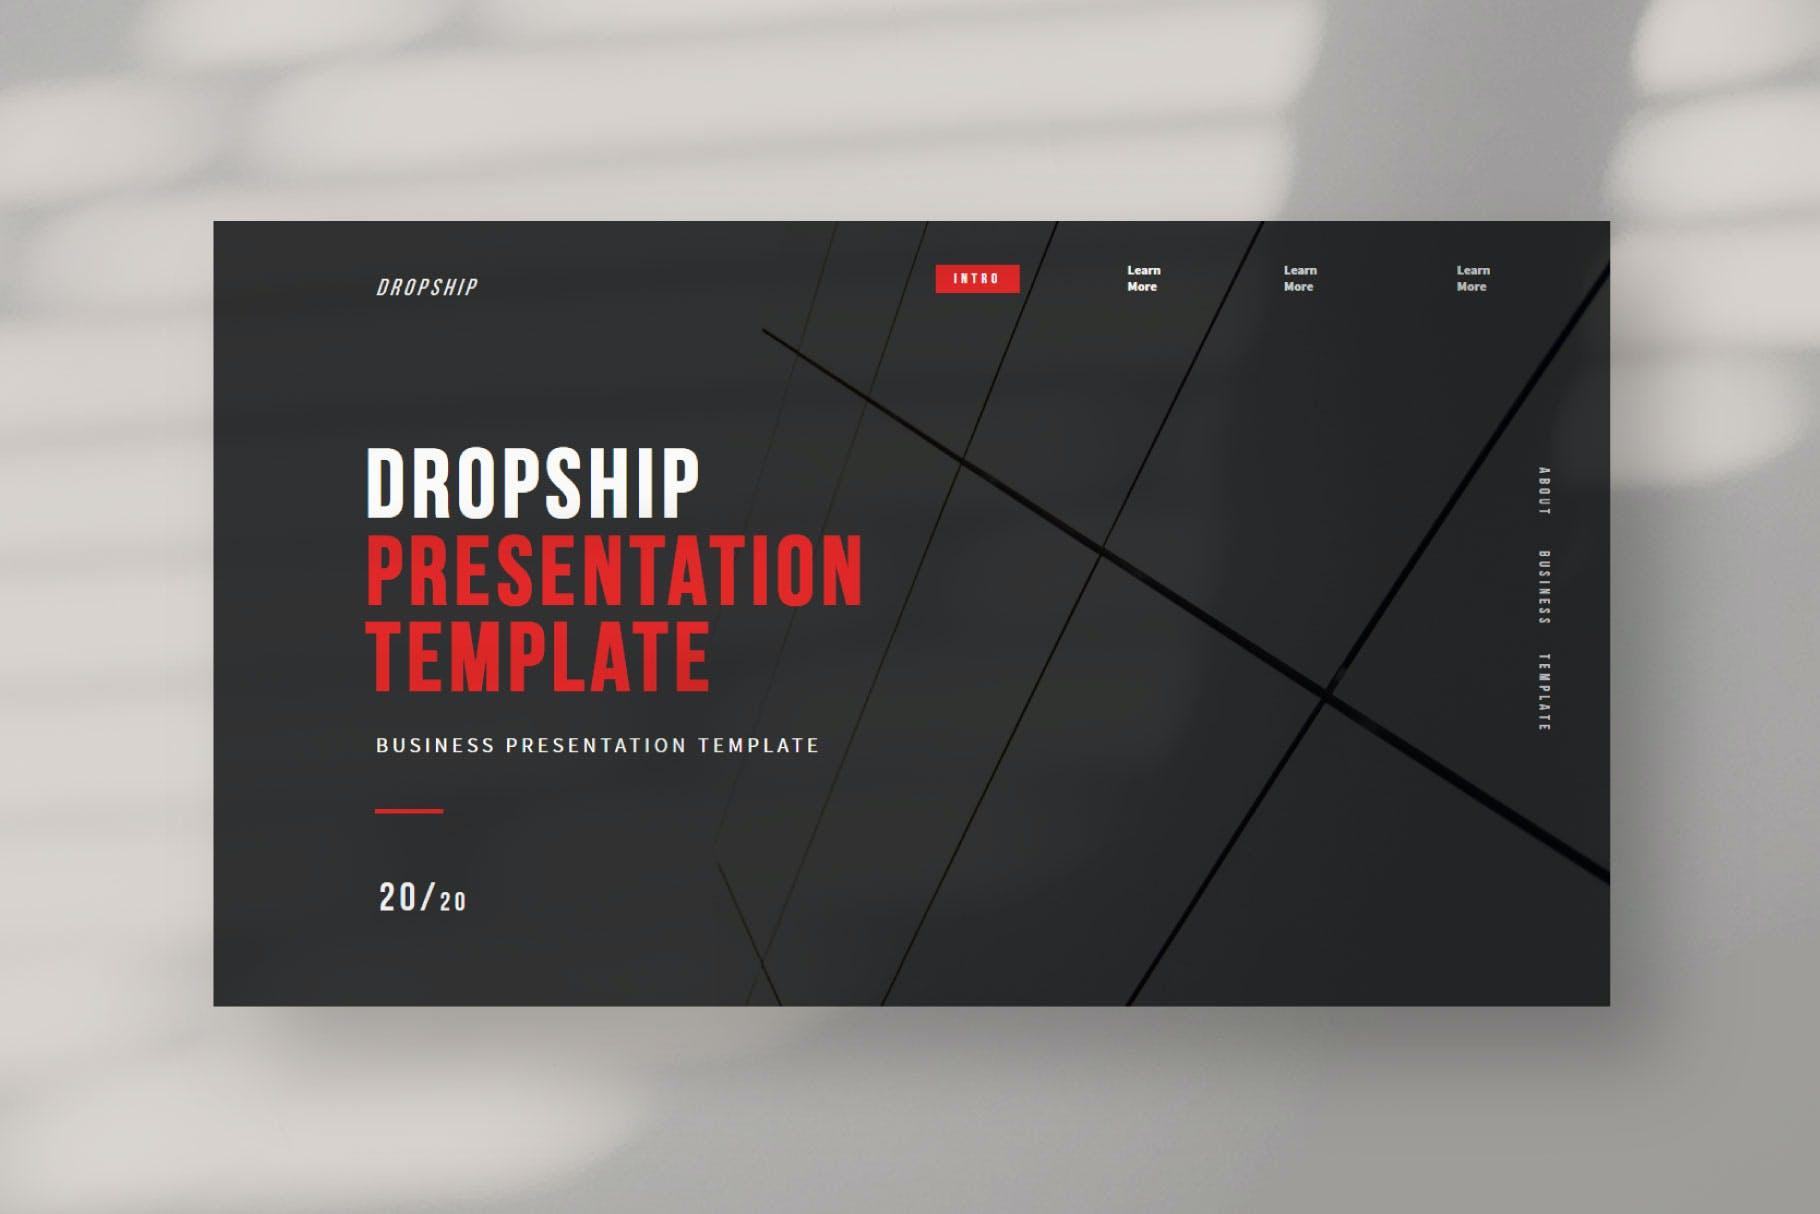 简约服装摄影作品集演示文稿设计模板 Dropship – Powerpoint Template插图(2)